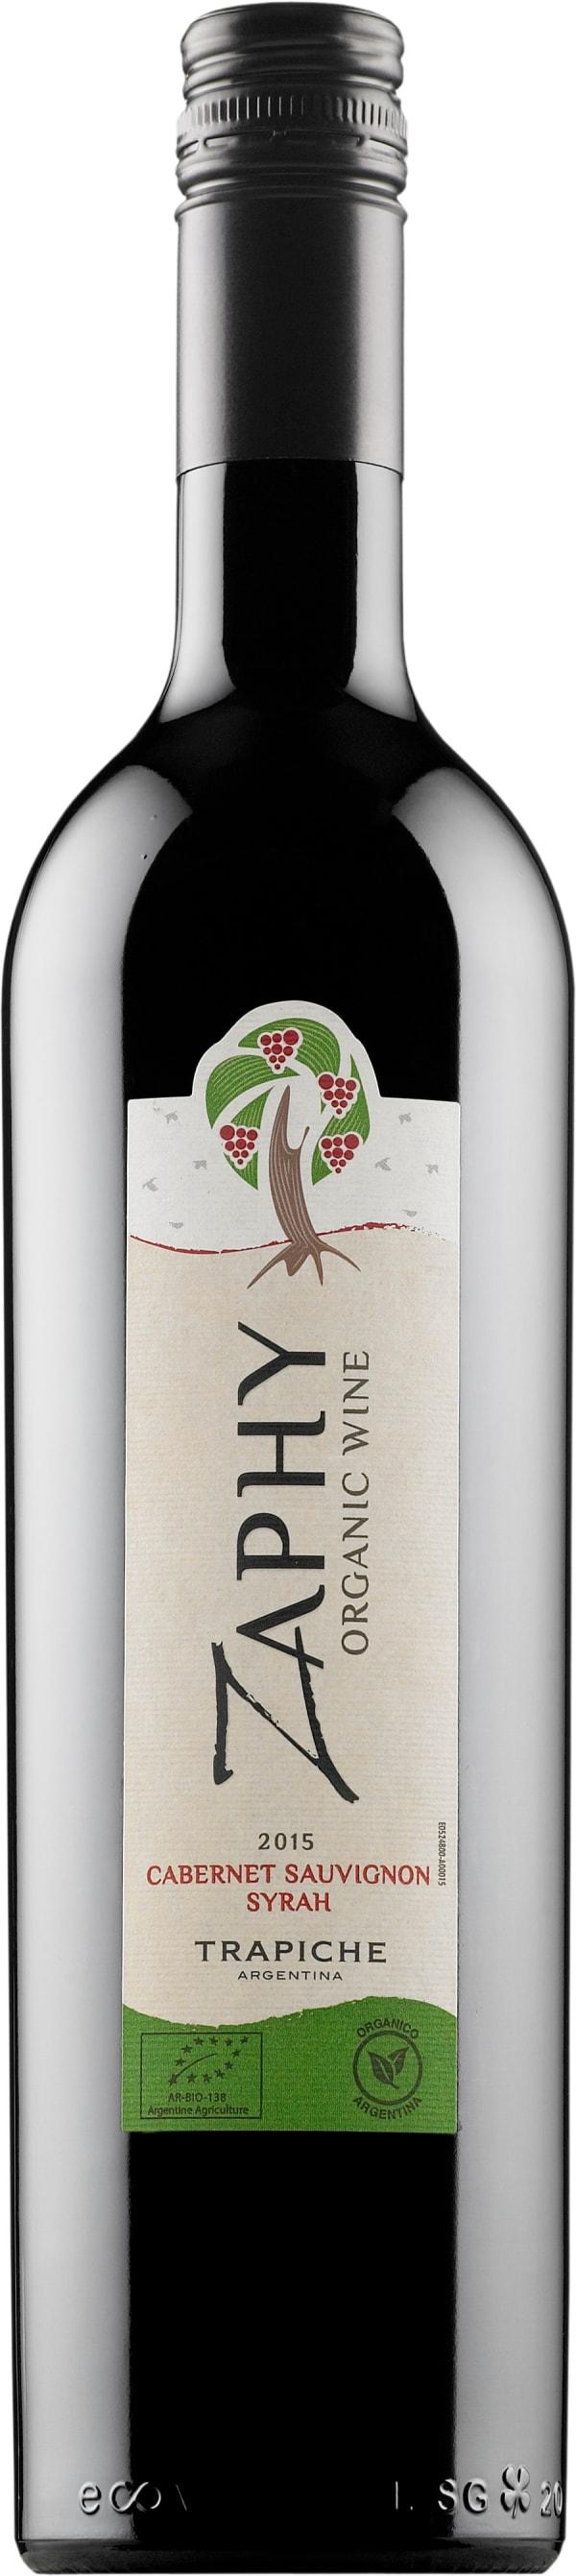 Trapiche Zaphy Organic Cabernet Sauvignon Syrah 2016